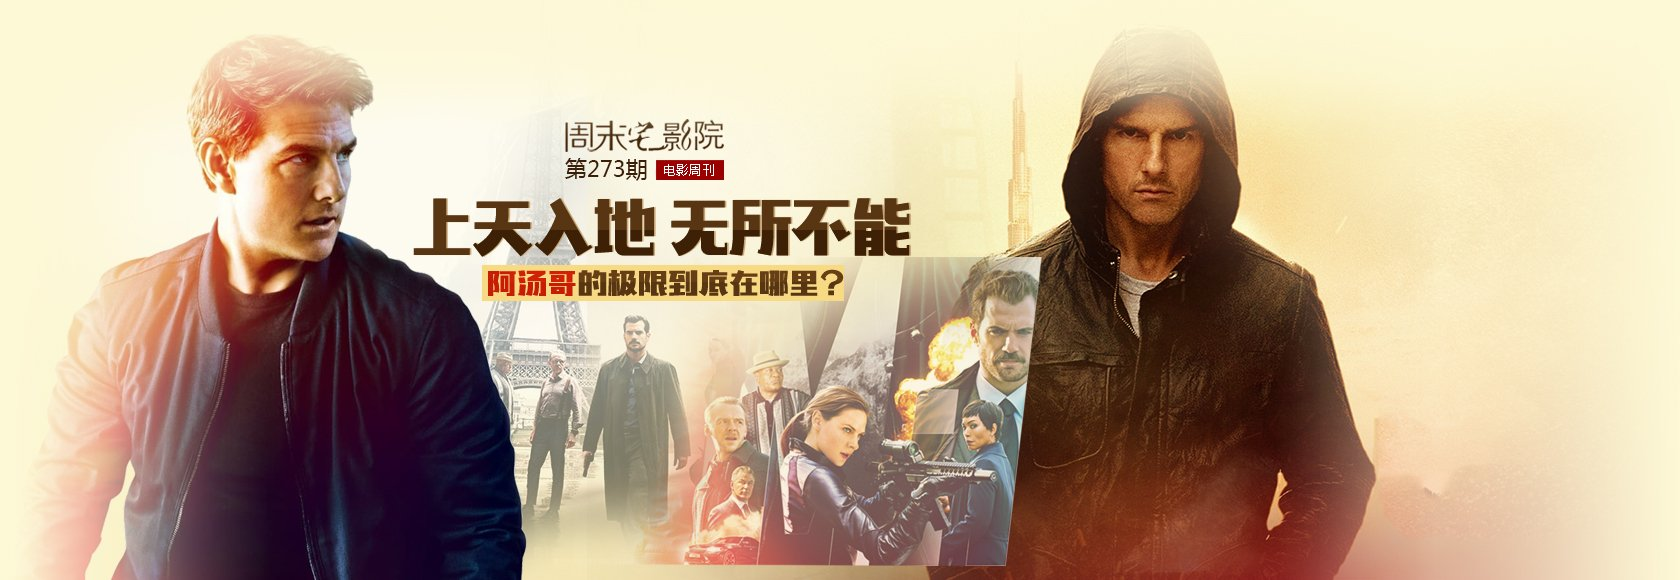 2019最新电影,网络大电影